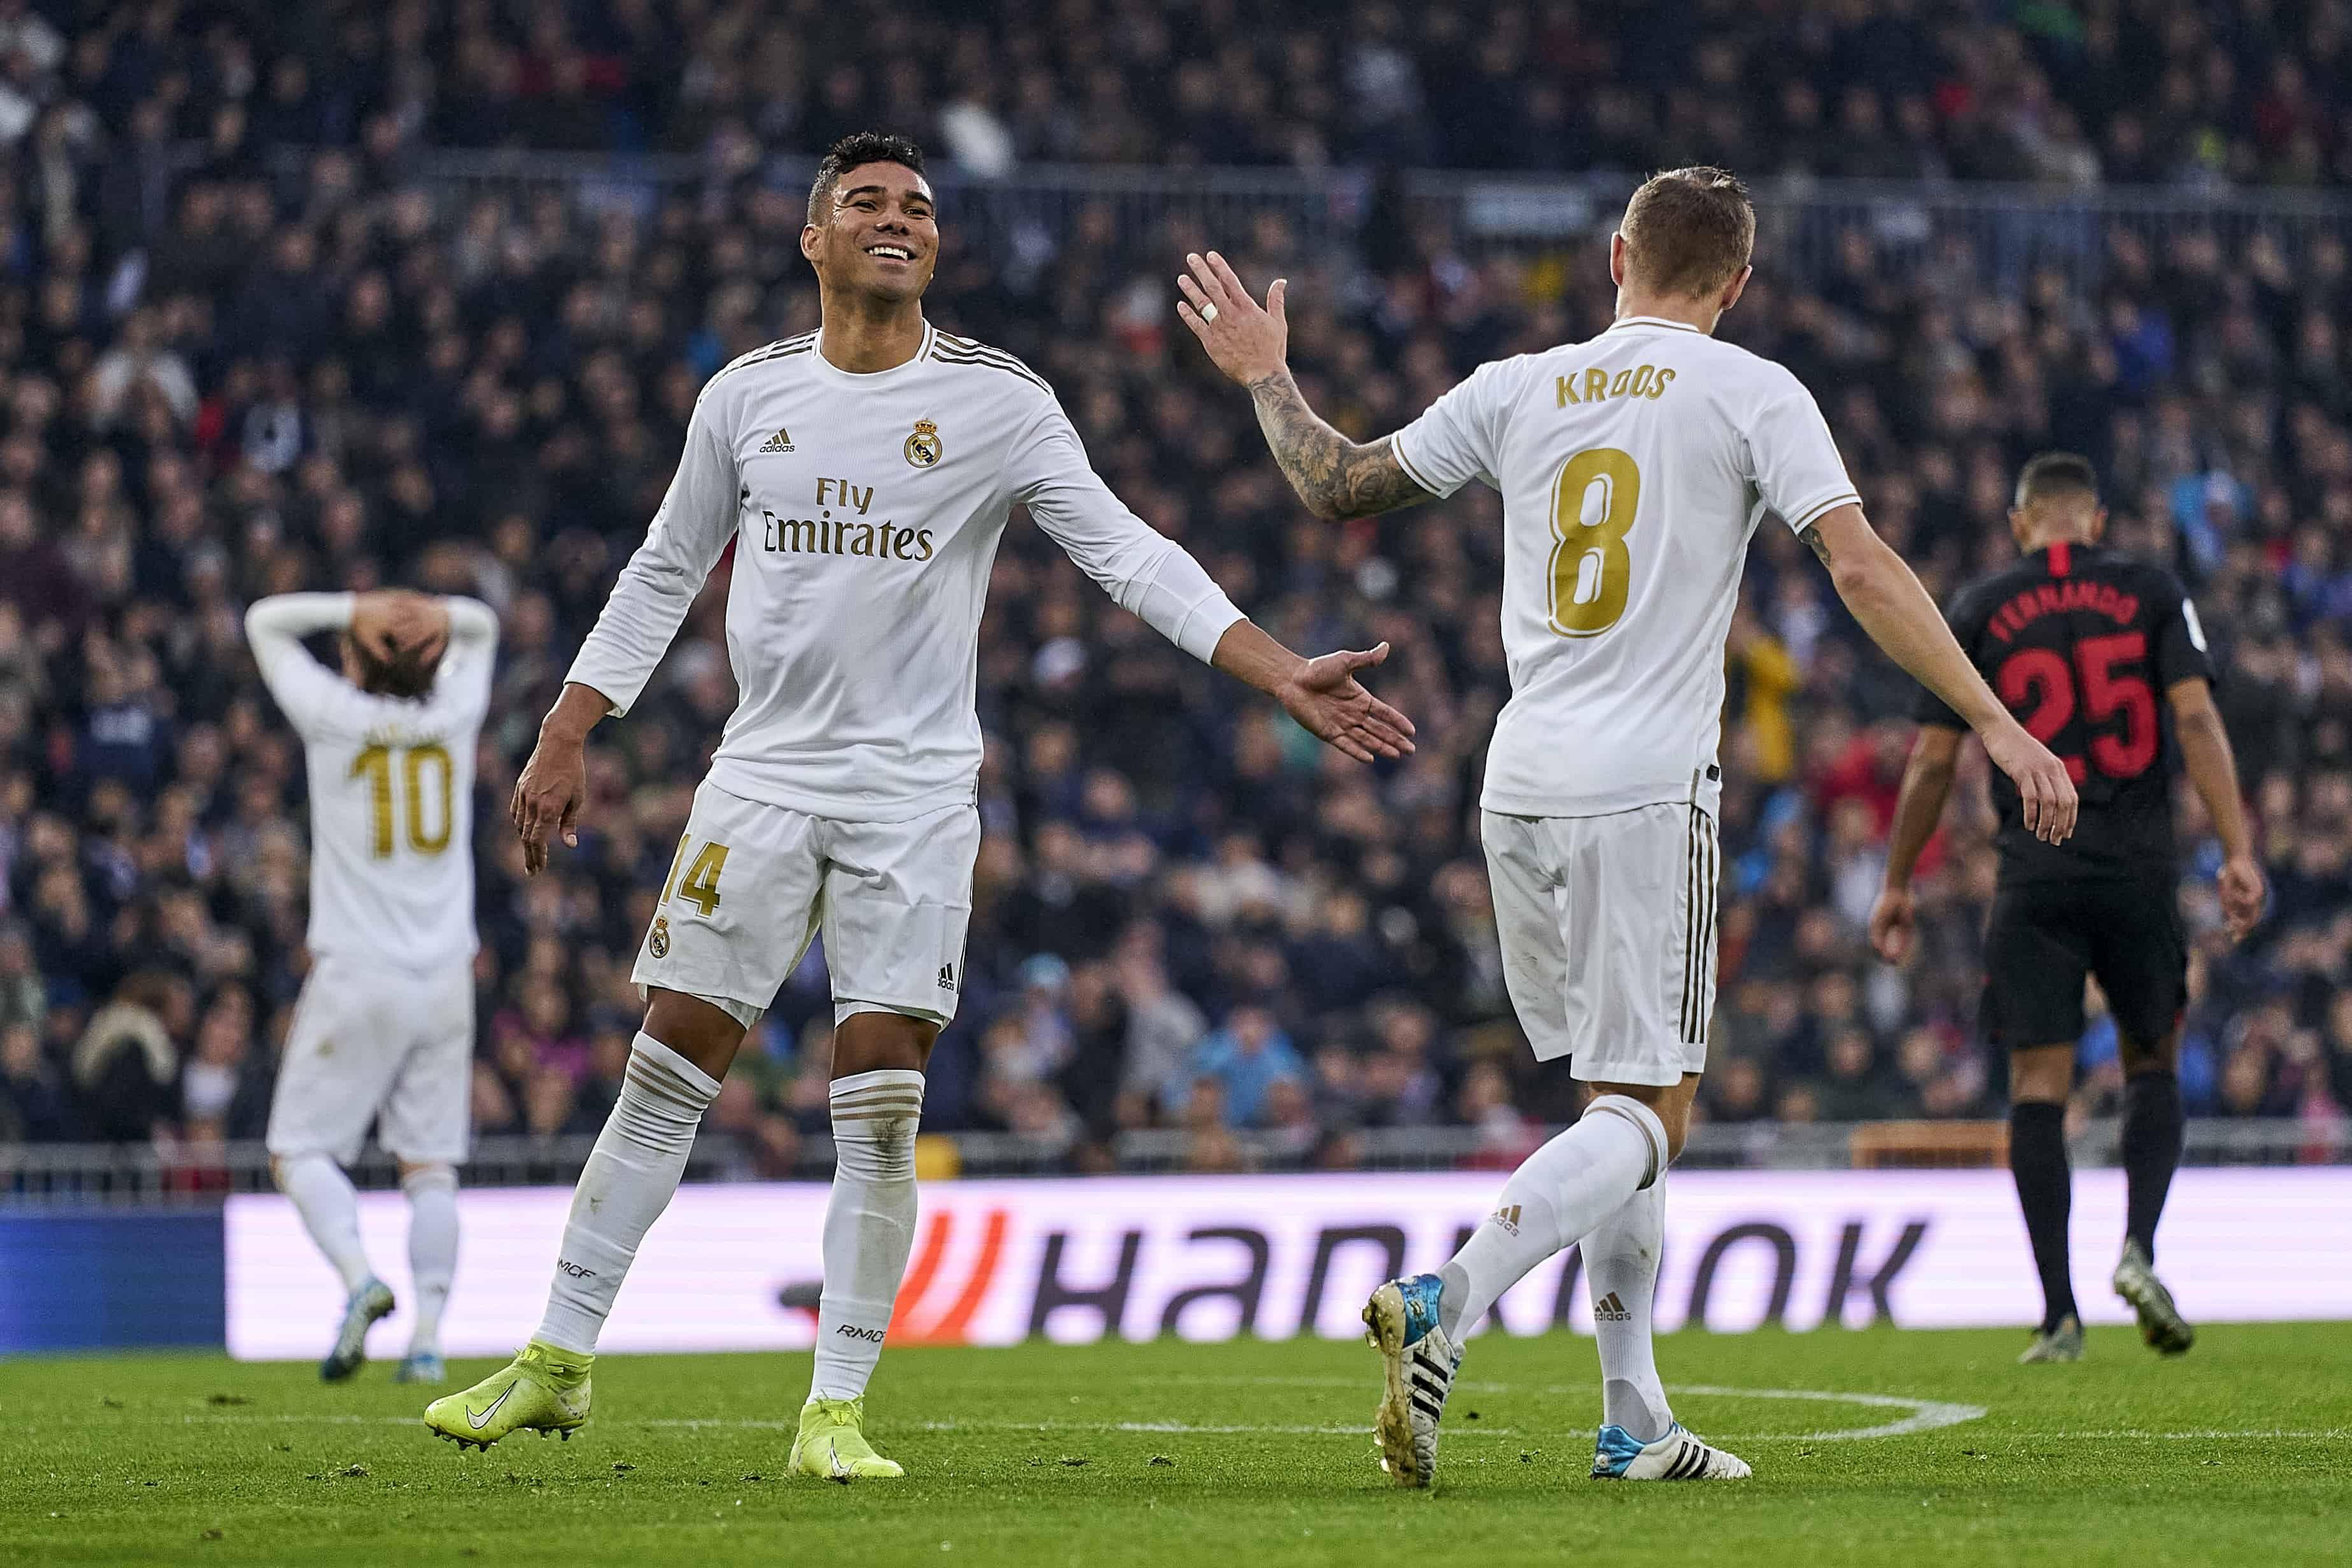 Real Madrid Vencio A Unionistas En La Copa Del Rey Y Paso A Octavos En 2020 Real Madrid Zinedine Zidane James Rodriguez